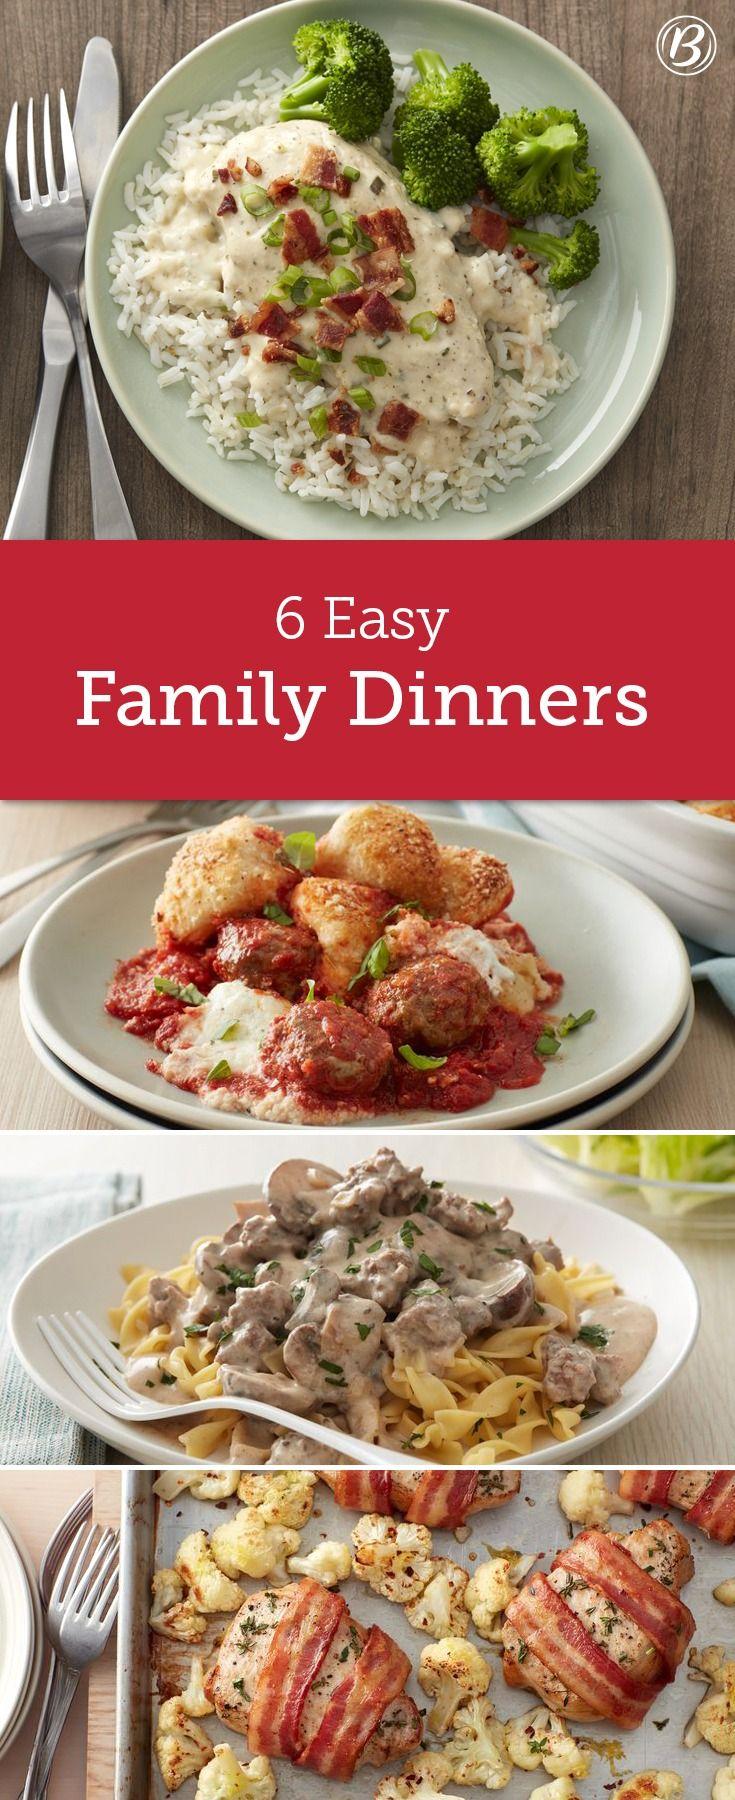 324 best dinner made easy images on pinterest Easy dinner recipes for family of 6